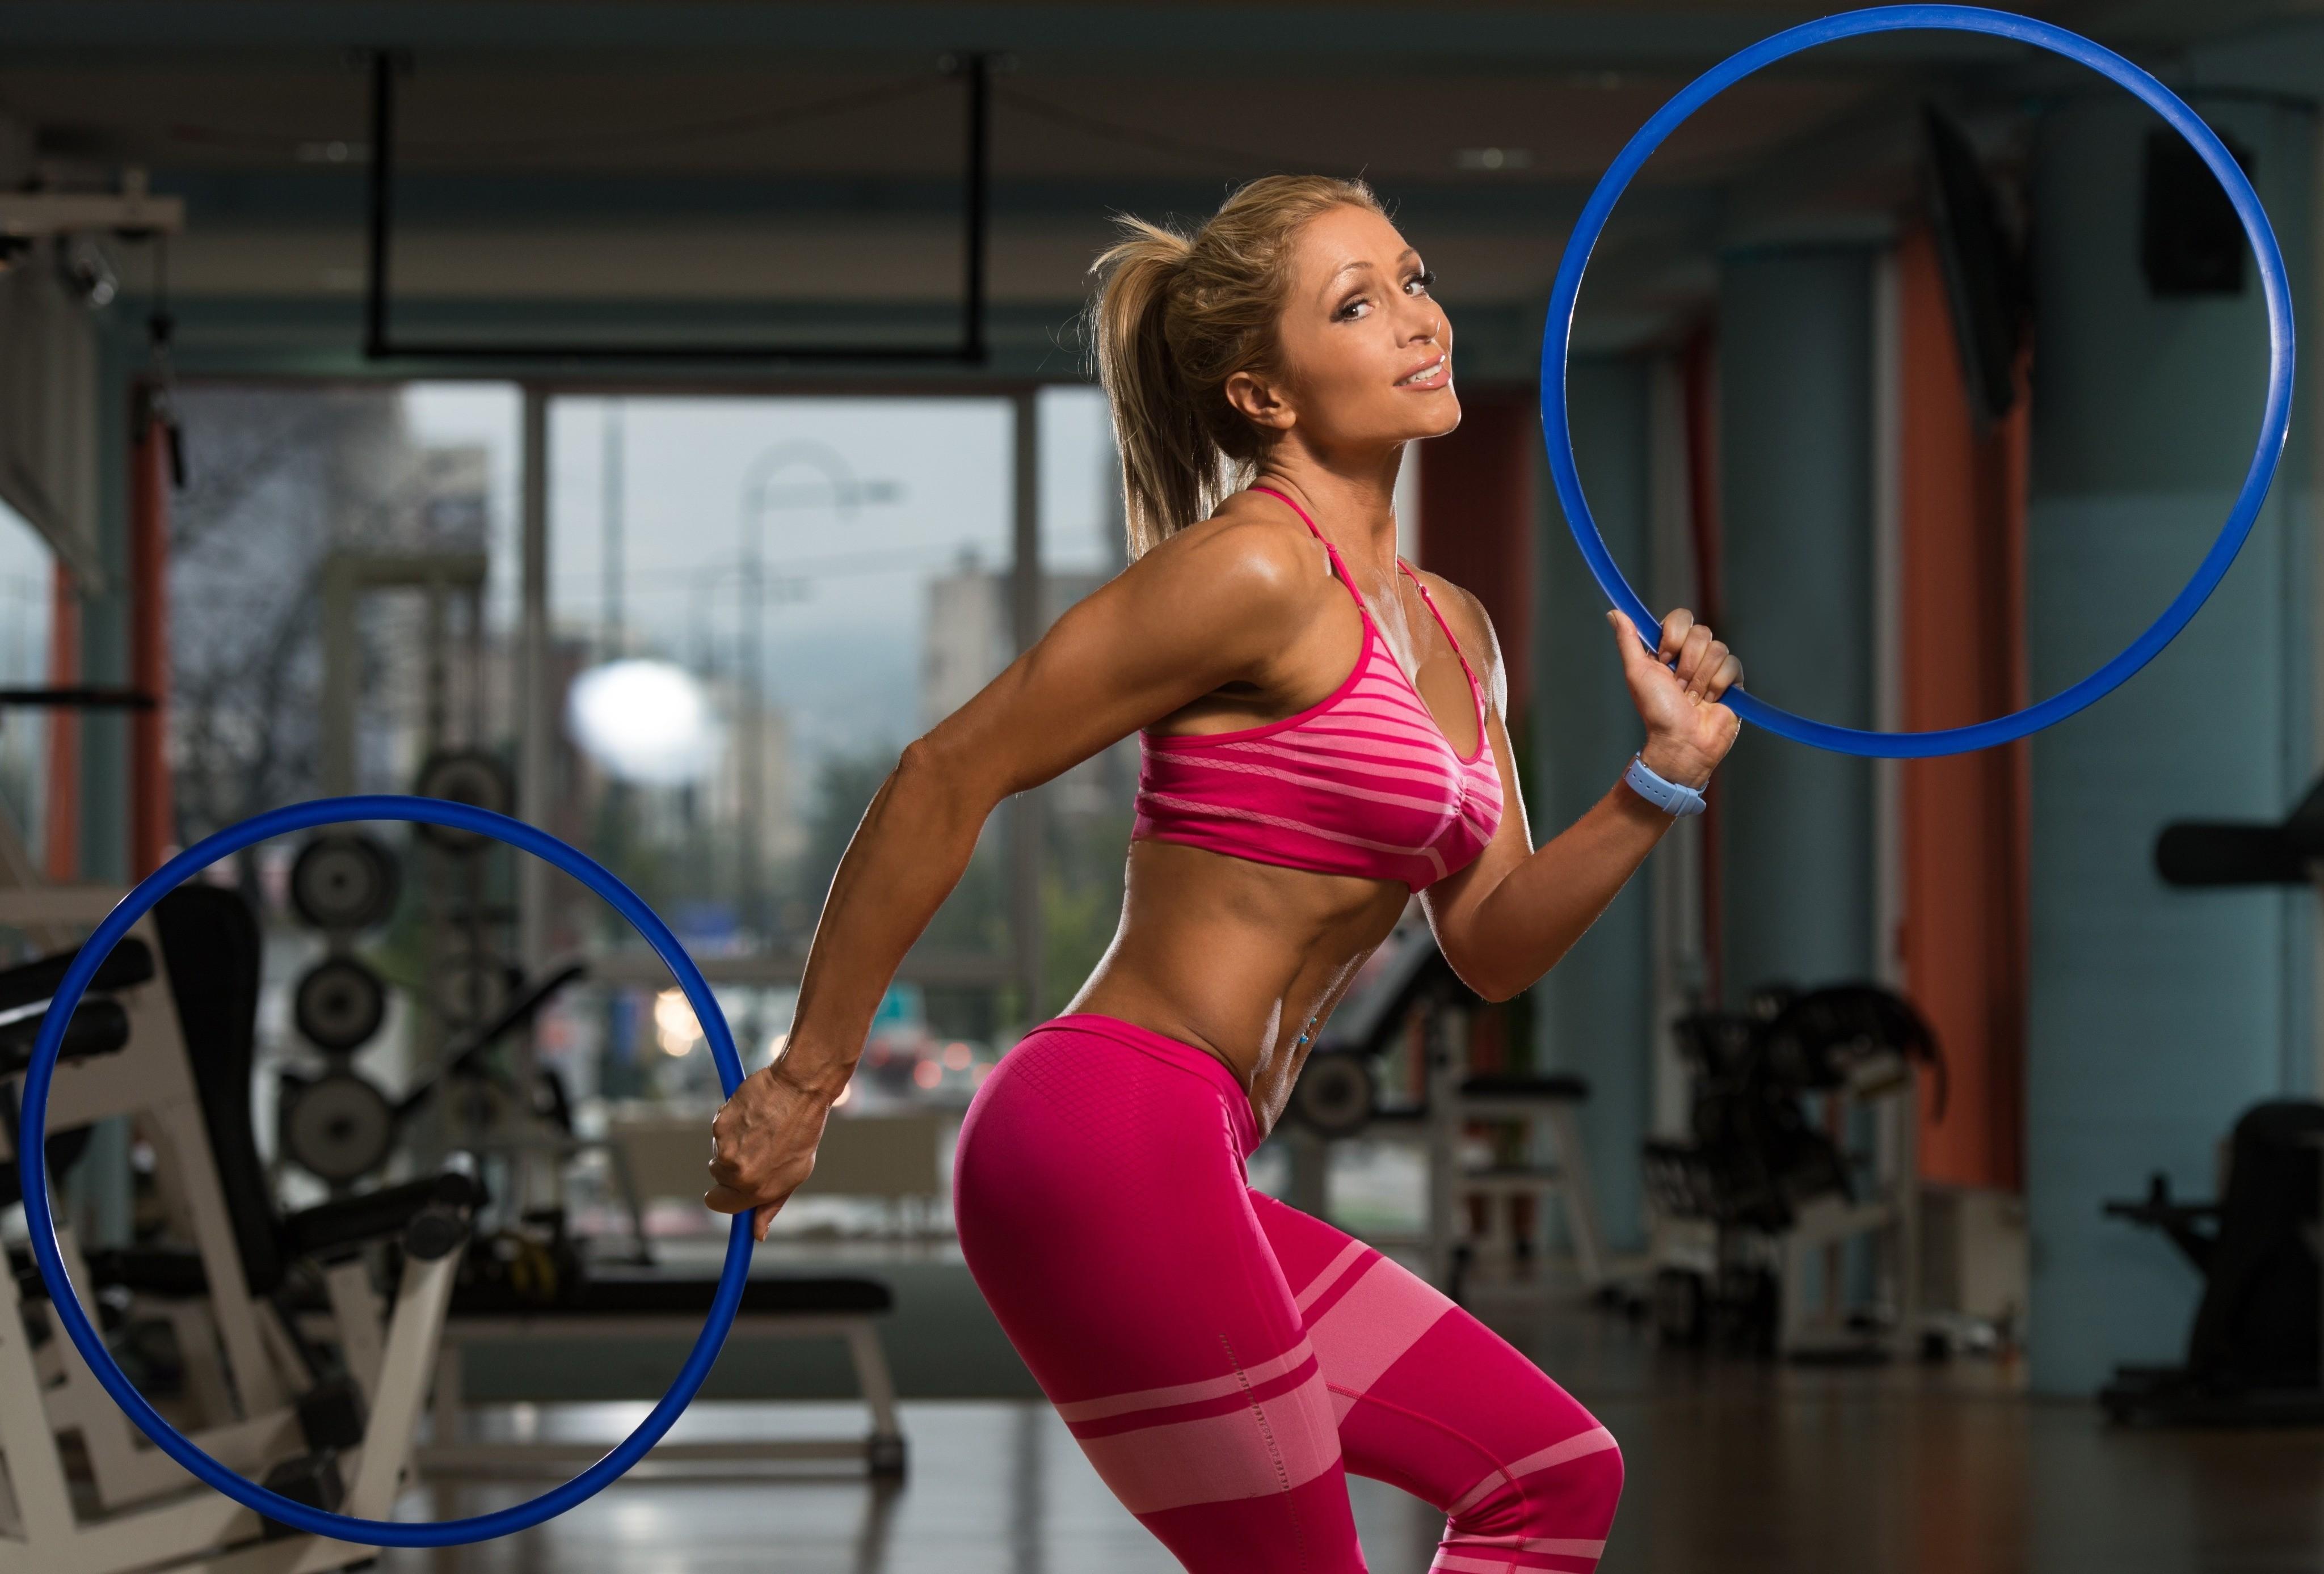 Обруч для похудения: эффективность и вред